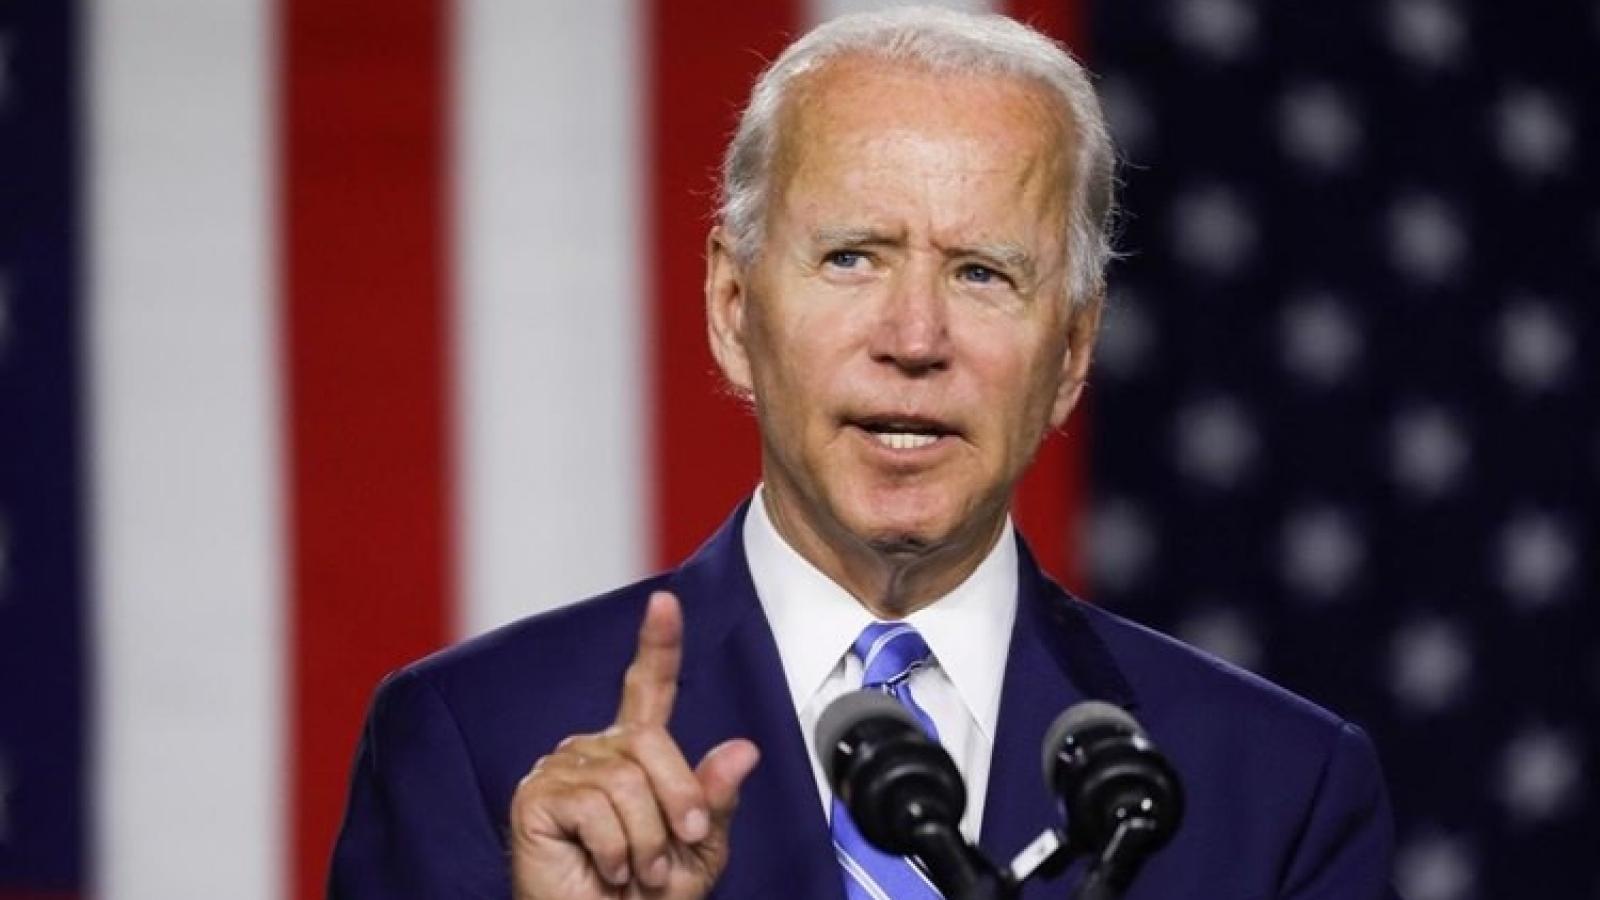 Bầu cử Mỹ: Ông Biden chiếm được ưu thế từ cử tri ủng hộ đảng Cộng hòa